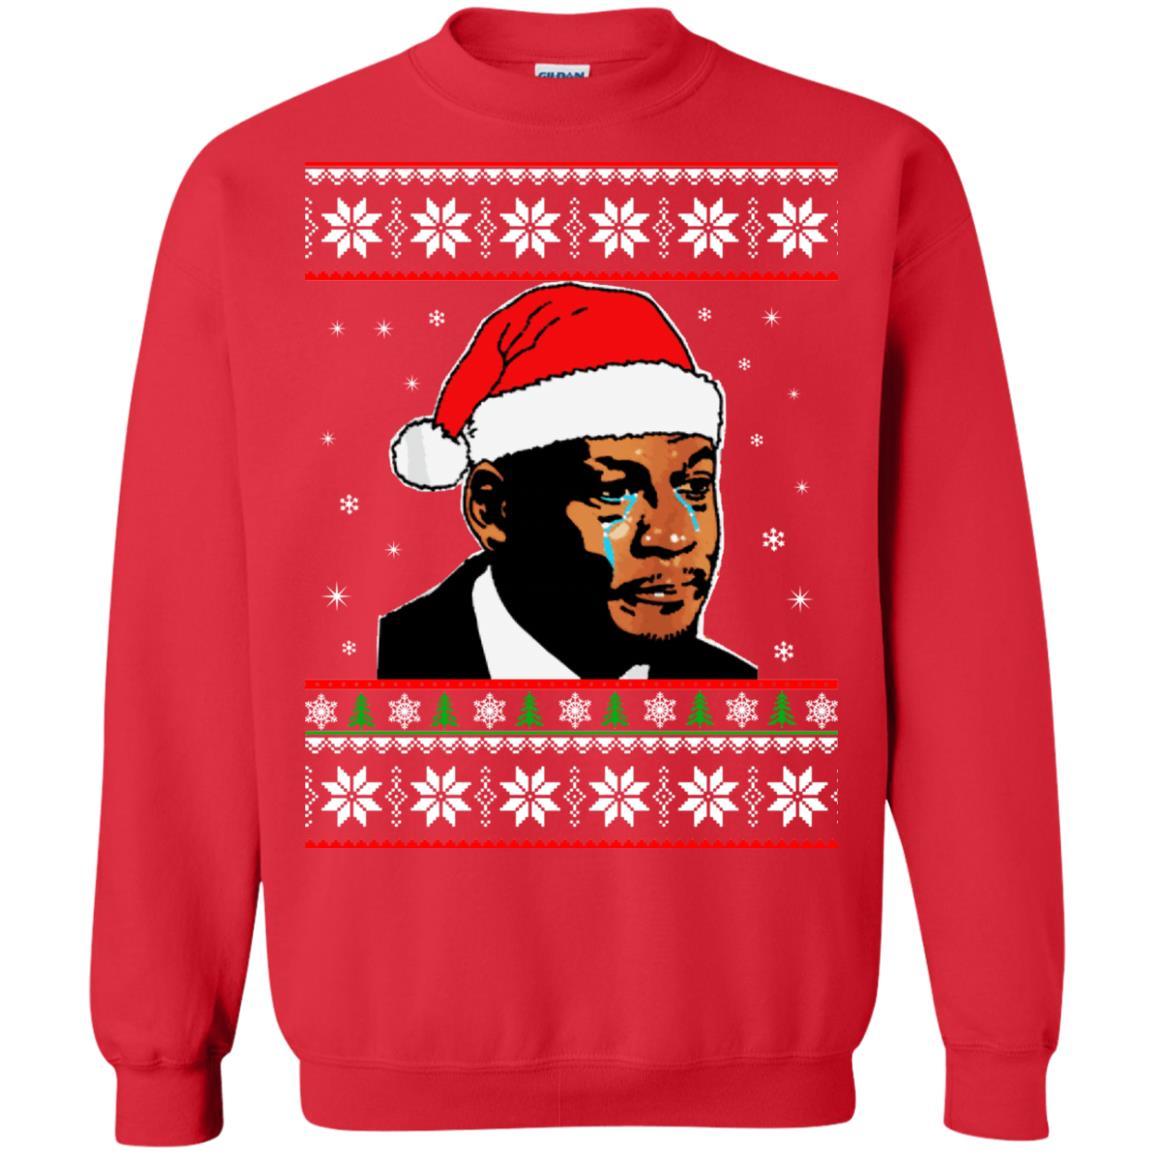 image 2670 - Crying Jordan Christmas Sweater, Christmas Jordan Ugly Sweatshirt